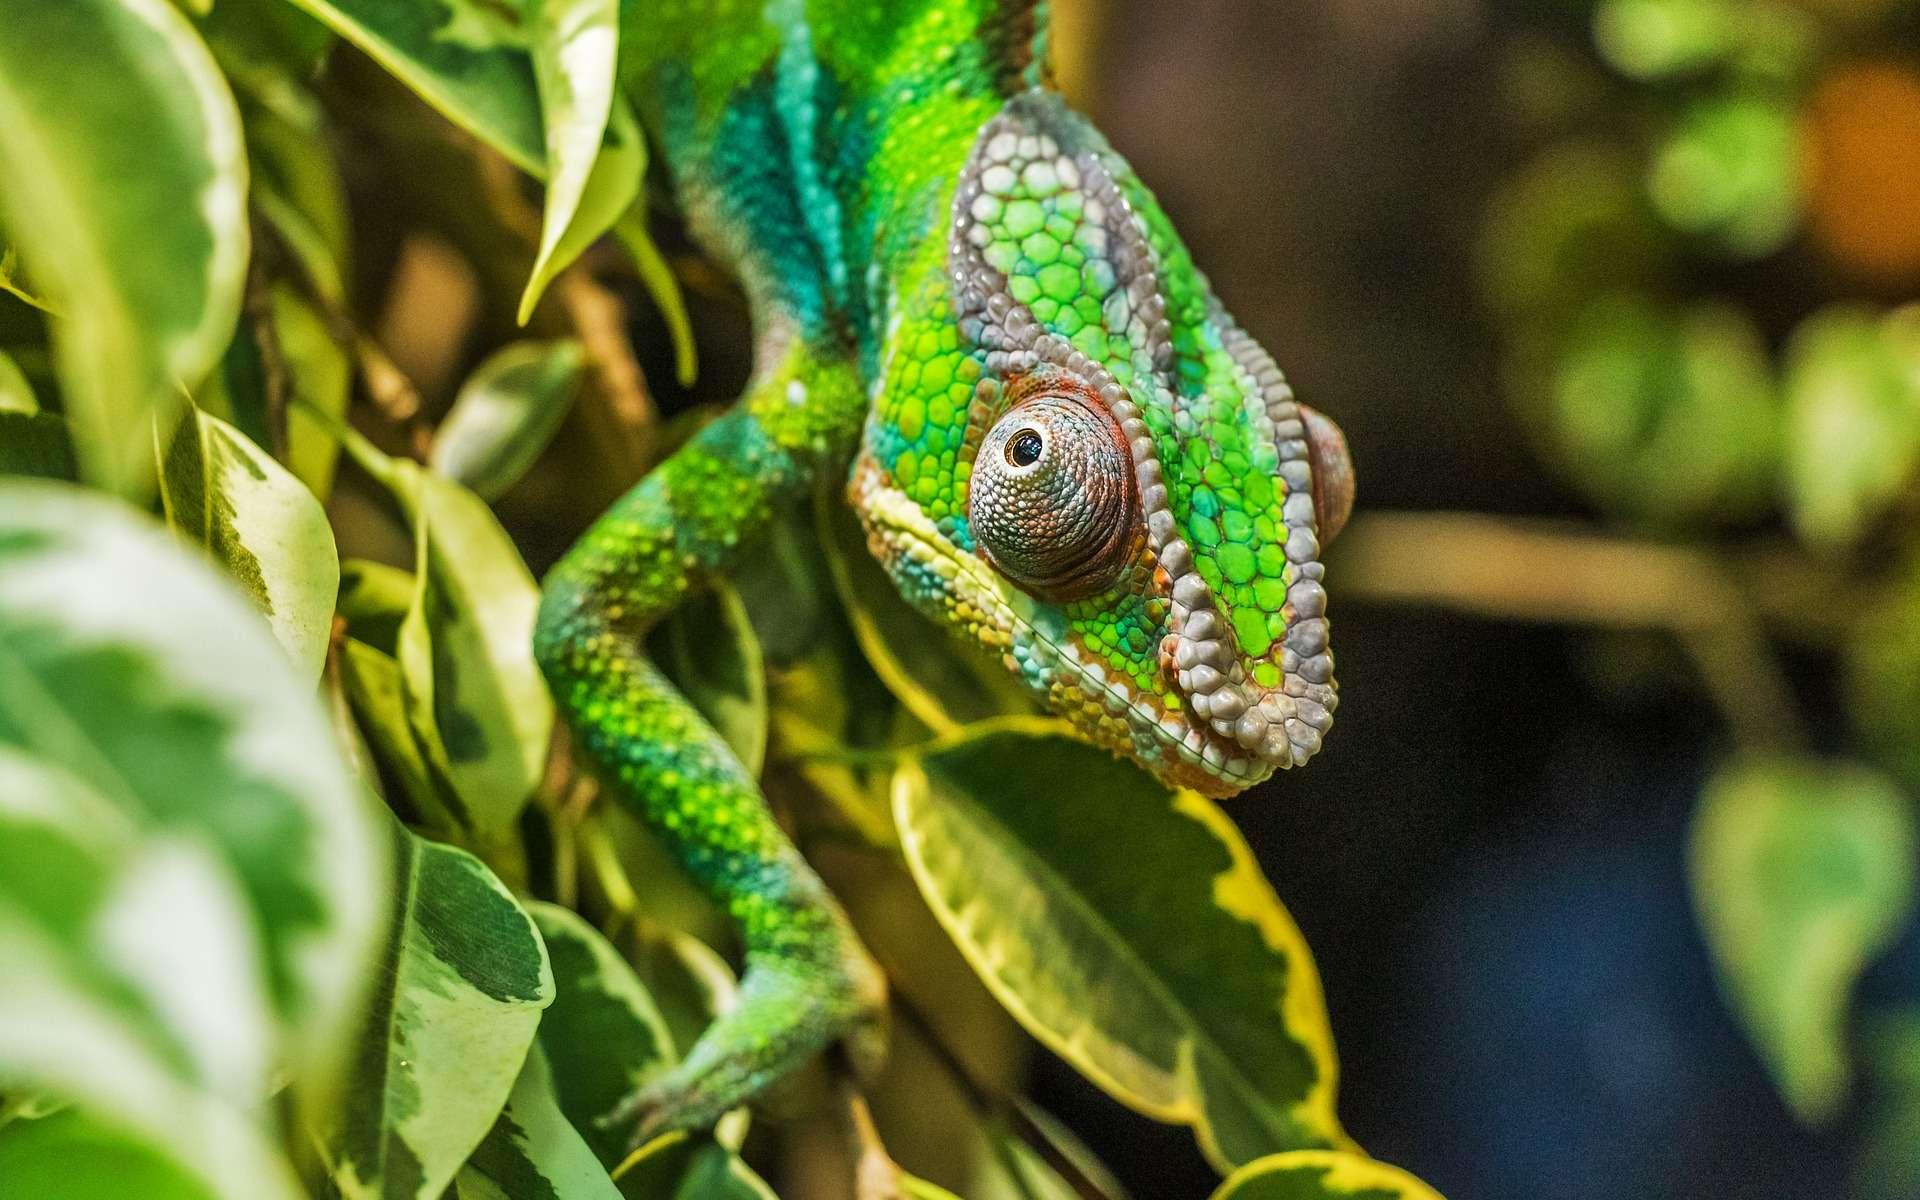 Le caméléon est capable de changer de couleur grâce aux chromatophores contenus dans sa peau. © Bergadder, Pixabay, DP